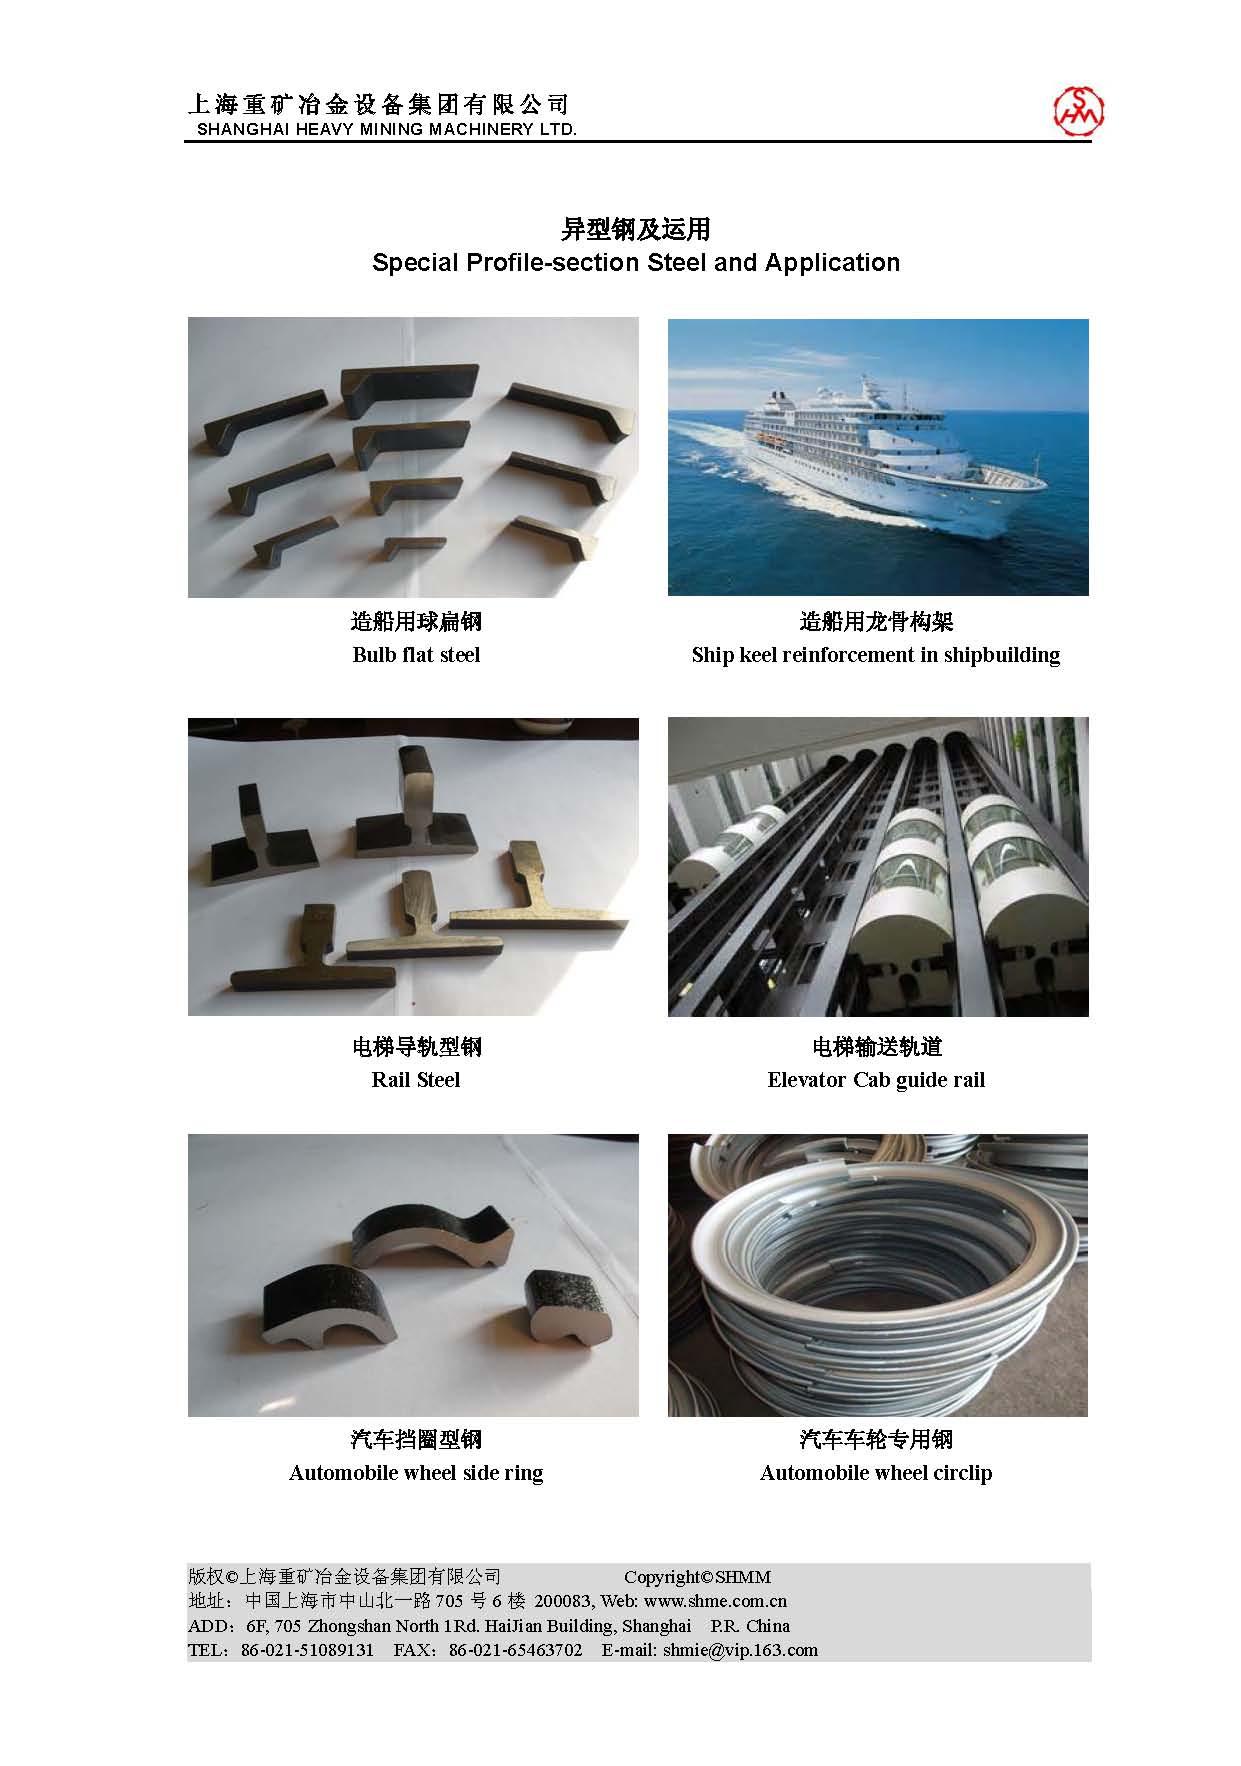 异型钢及应用